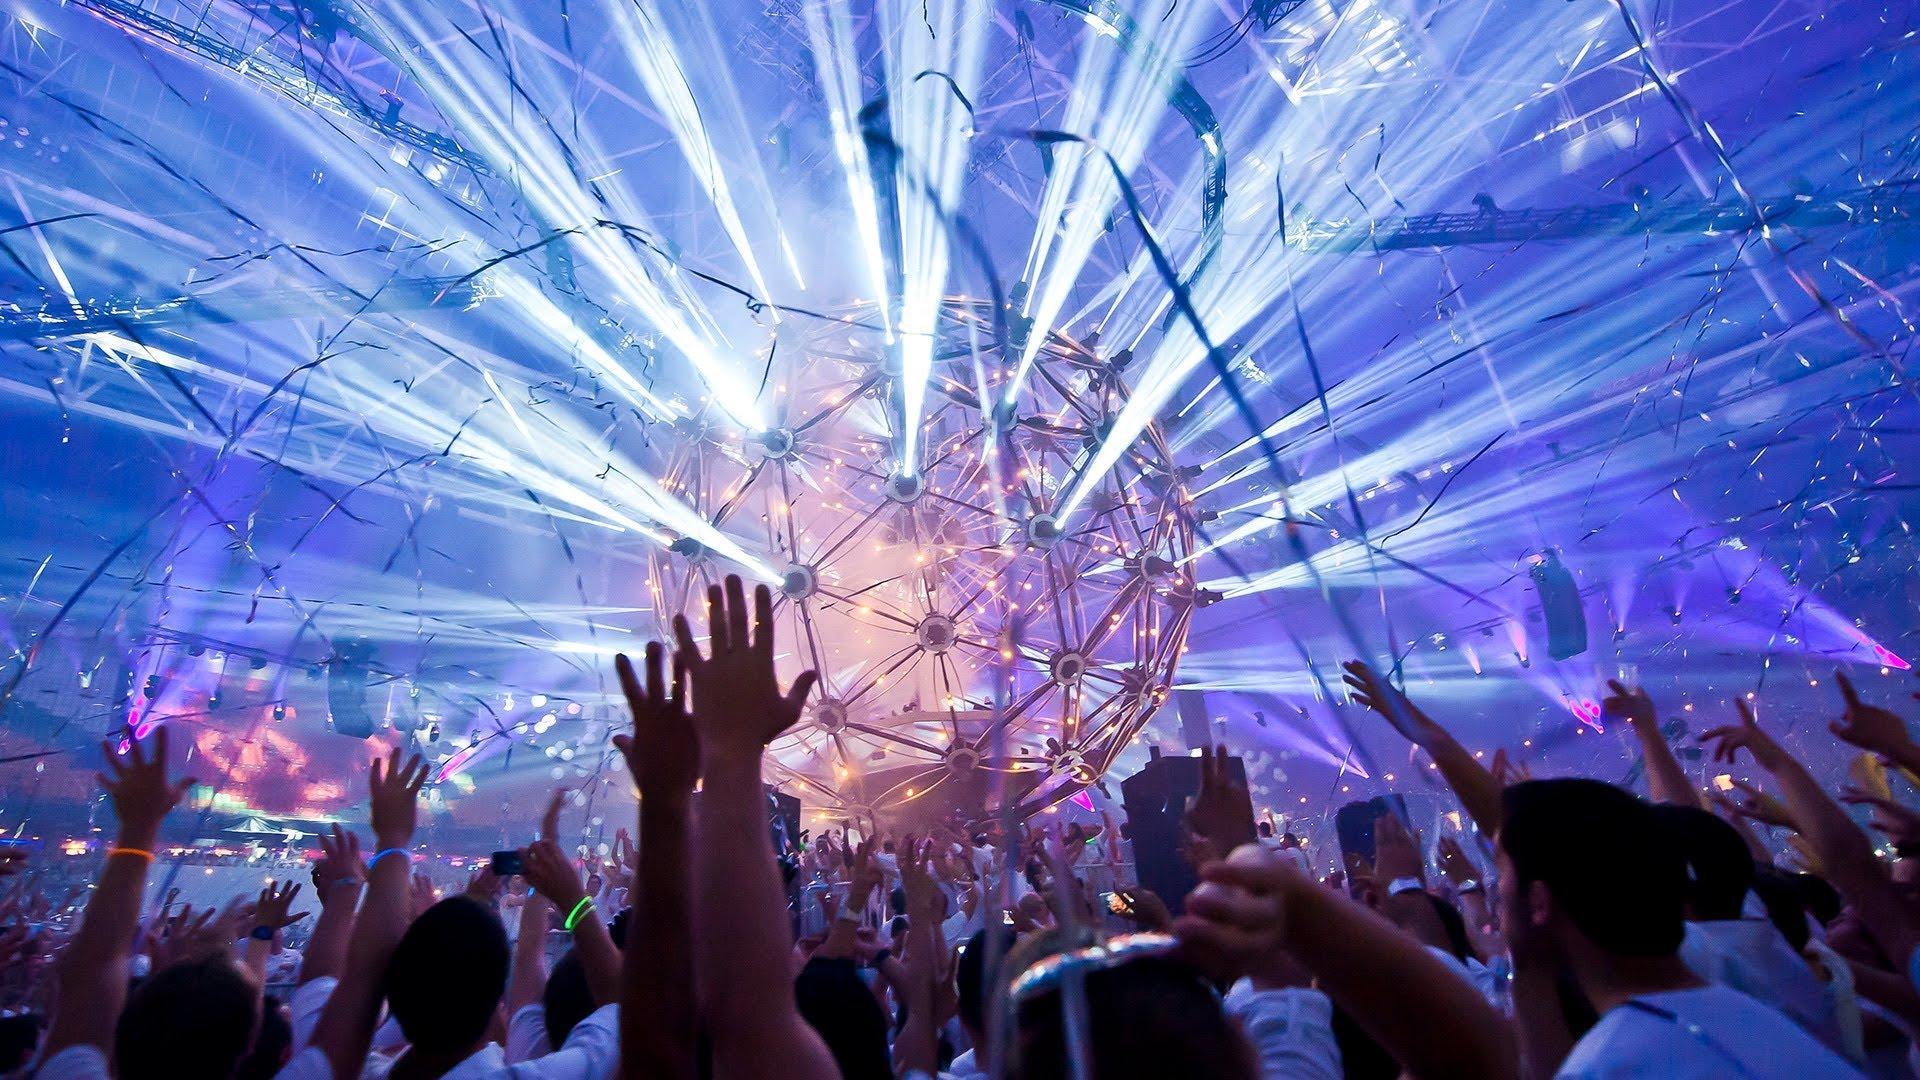 домашний лучшие вечеринки в клубах в мире видео стороны человек, увидев